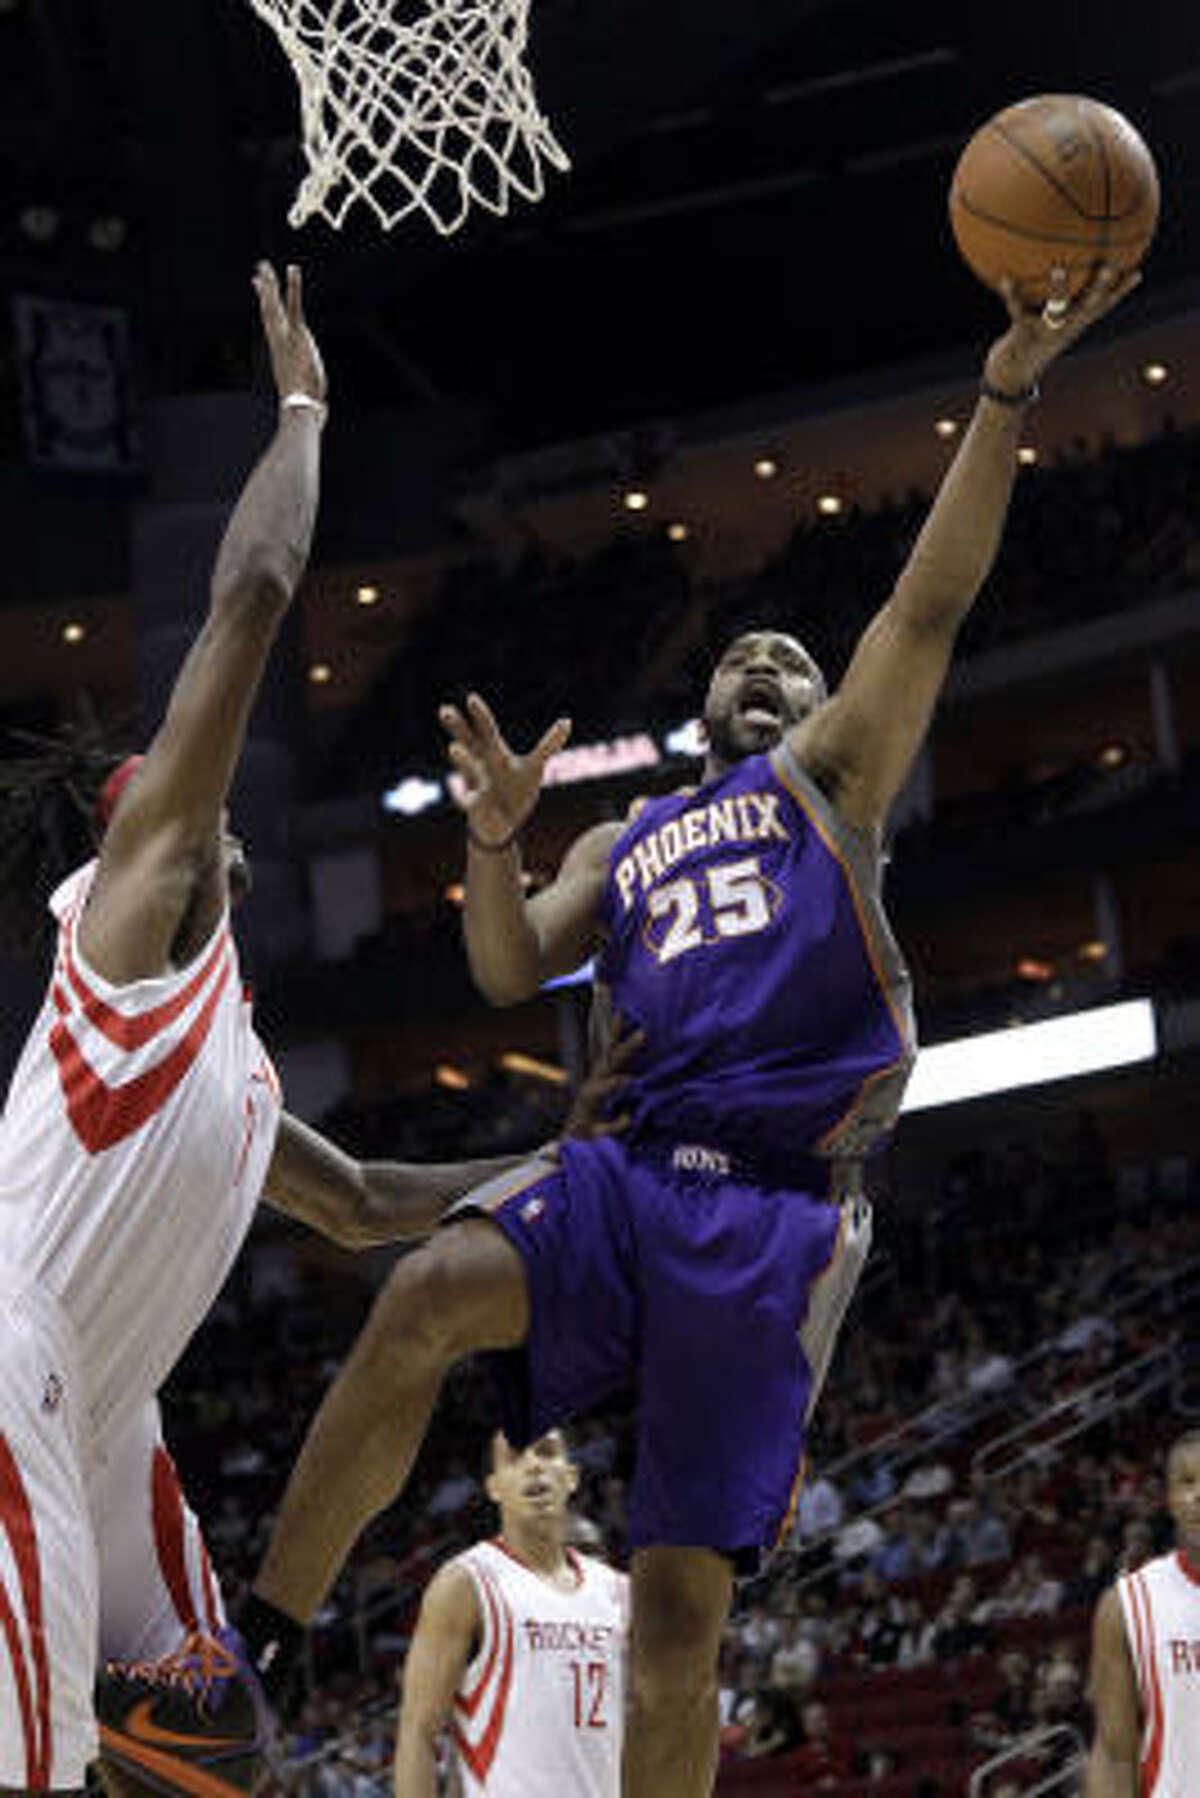 Suns' Vince Carter (25) goes up for a shot as Houston Rockets' Jordan Hill, left, defends.